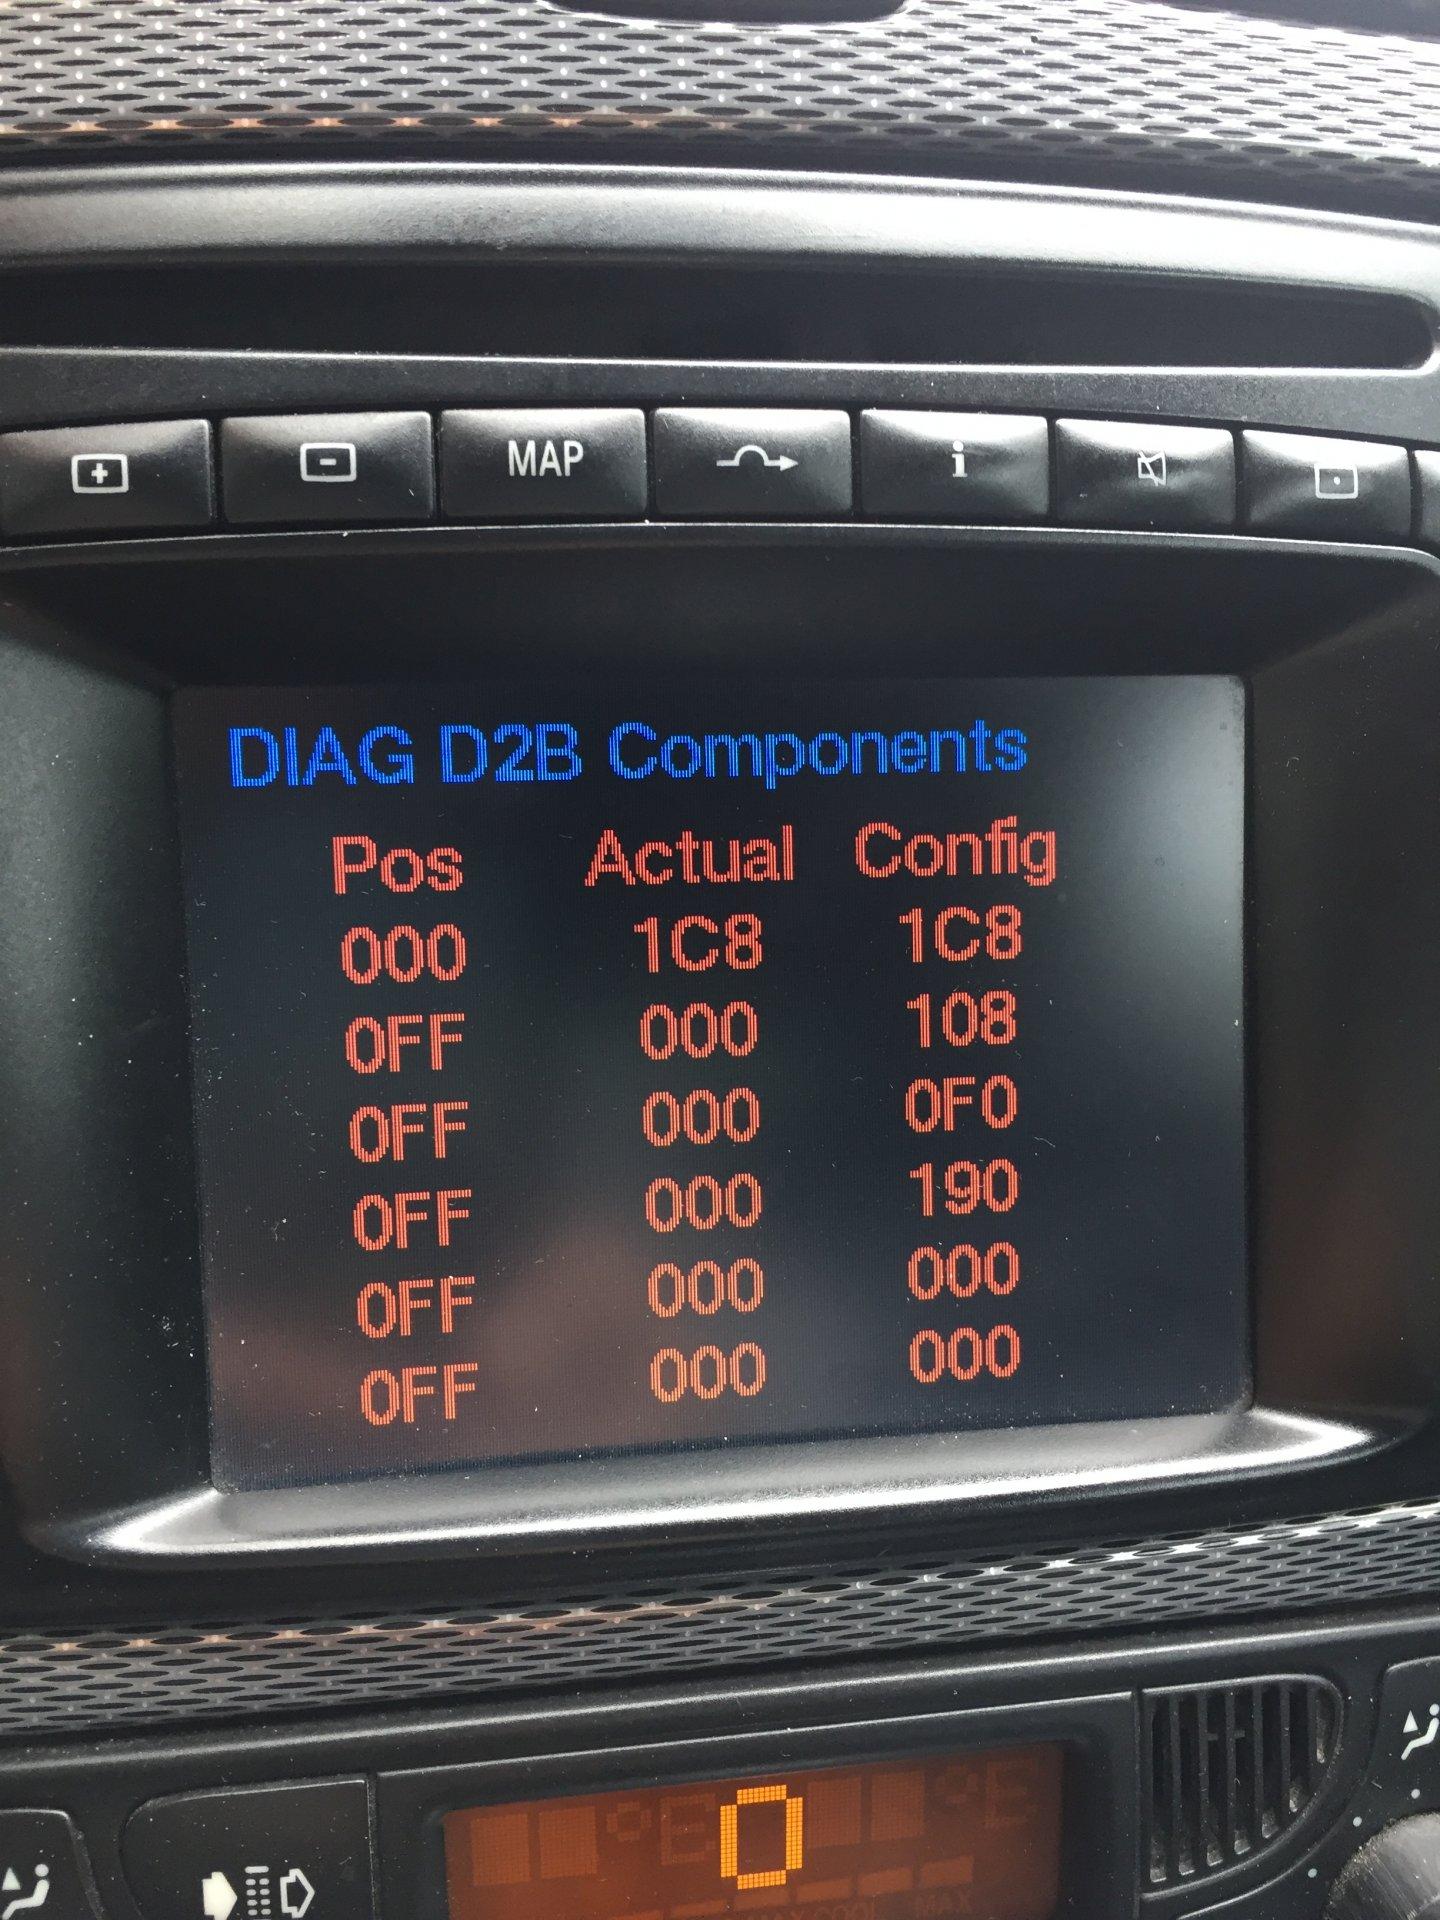 70ADCD98-B166-4DF7-8A9B-99C843EF2510.jpeg